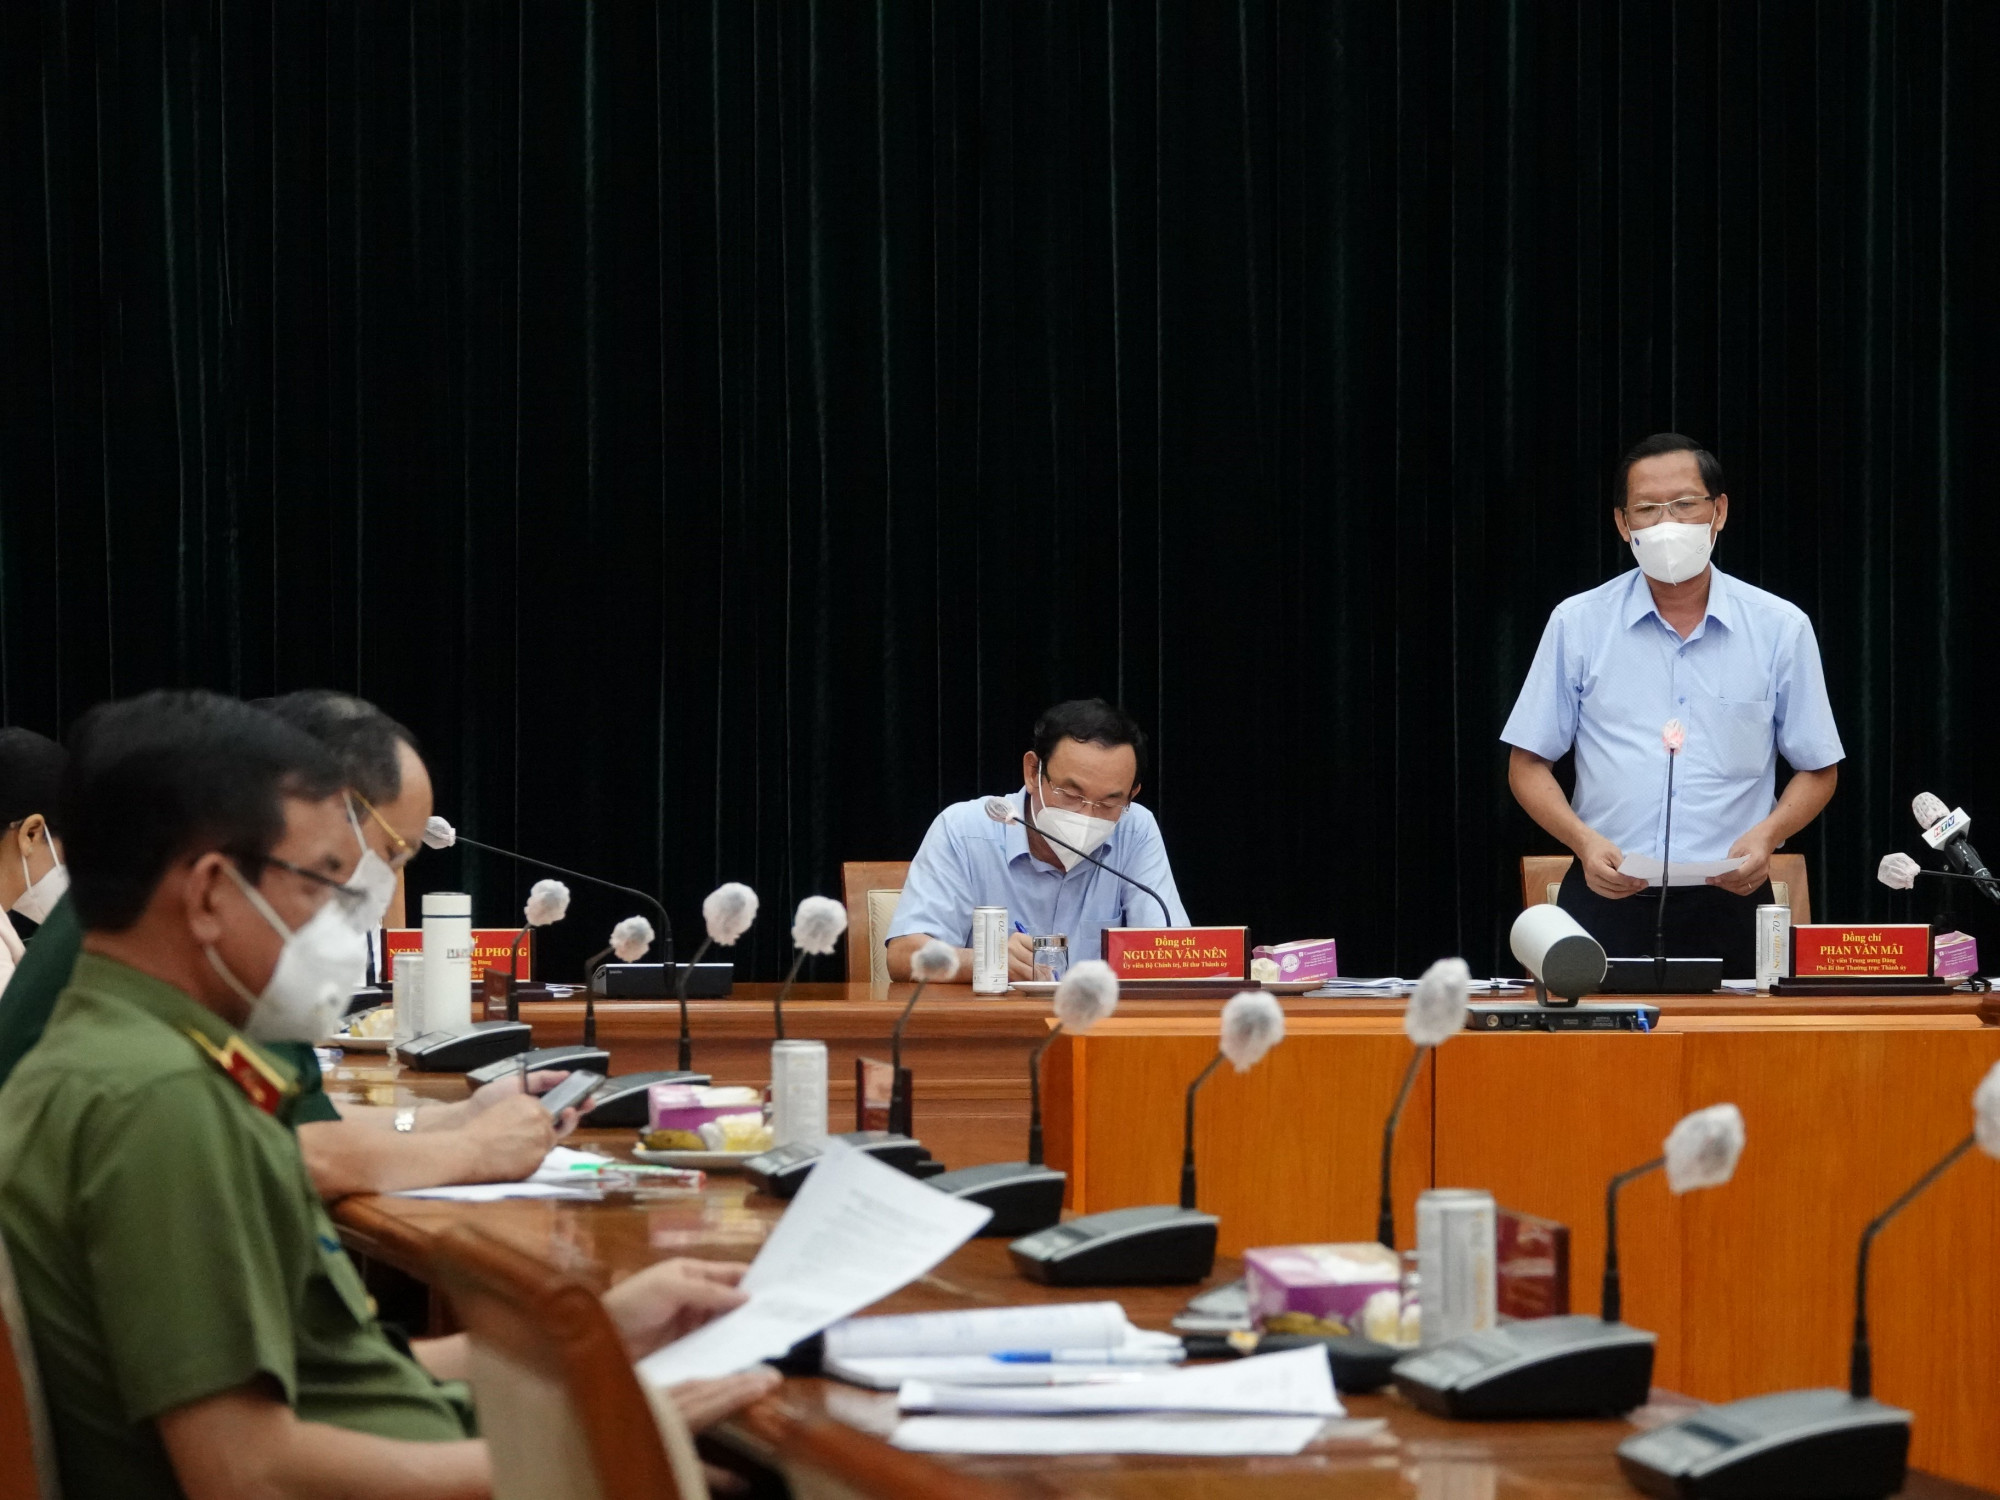 Hội nghị làm việc với tinh thần đem tất cả tâm huyết để thảo luận, đưa ra các biện pháp nhằm kiểm soát dịch bệnh, hạ quyết tâm thực hiện triệt để Chỉ thị 16 của Thủ tướng Chính phủ trong 2 tuần.